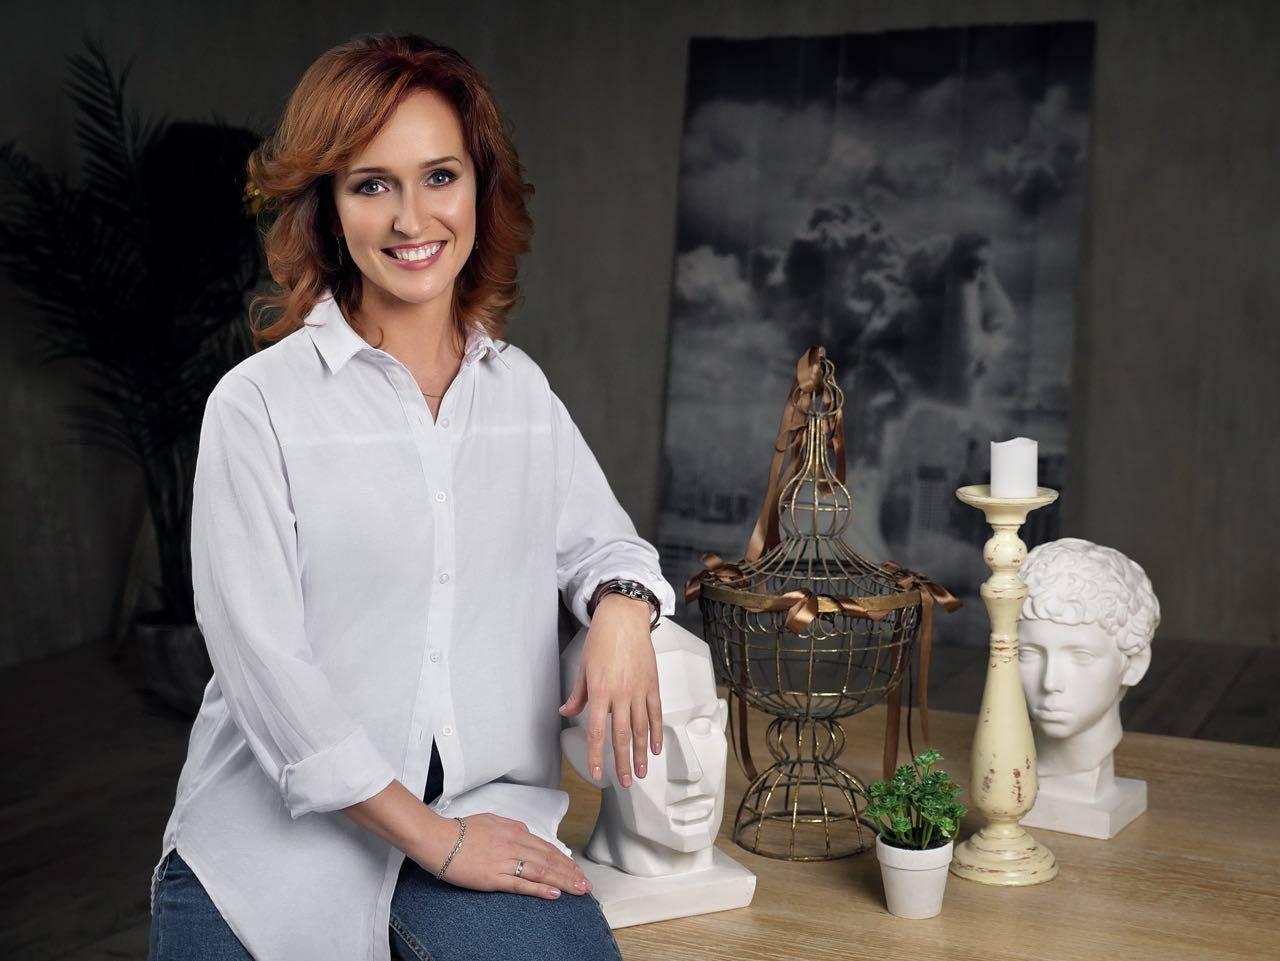 Доктор Ирина Константинова: «Самое большое удовлетворение в моей работе-счастливые глаза пациентов»